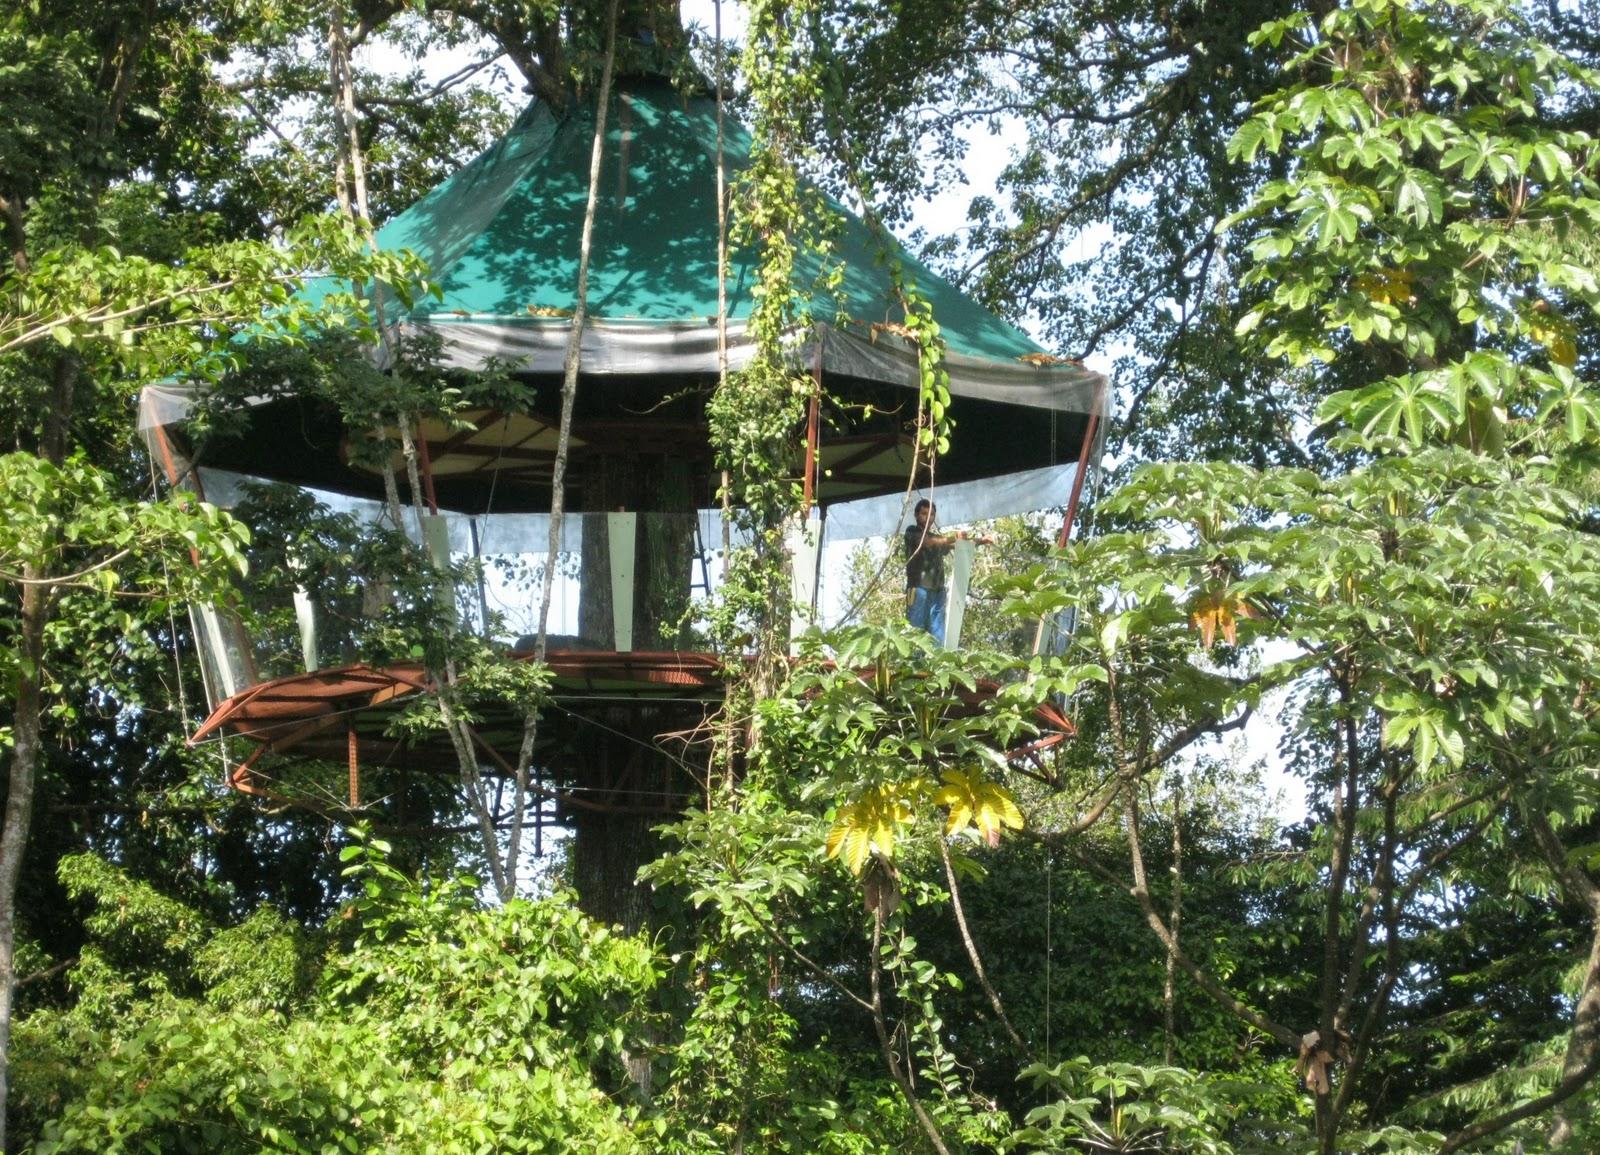 Casa del Arbol Zihuatanejo Villas en Zihuatanejo México Vacaciones o Bodas